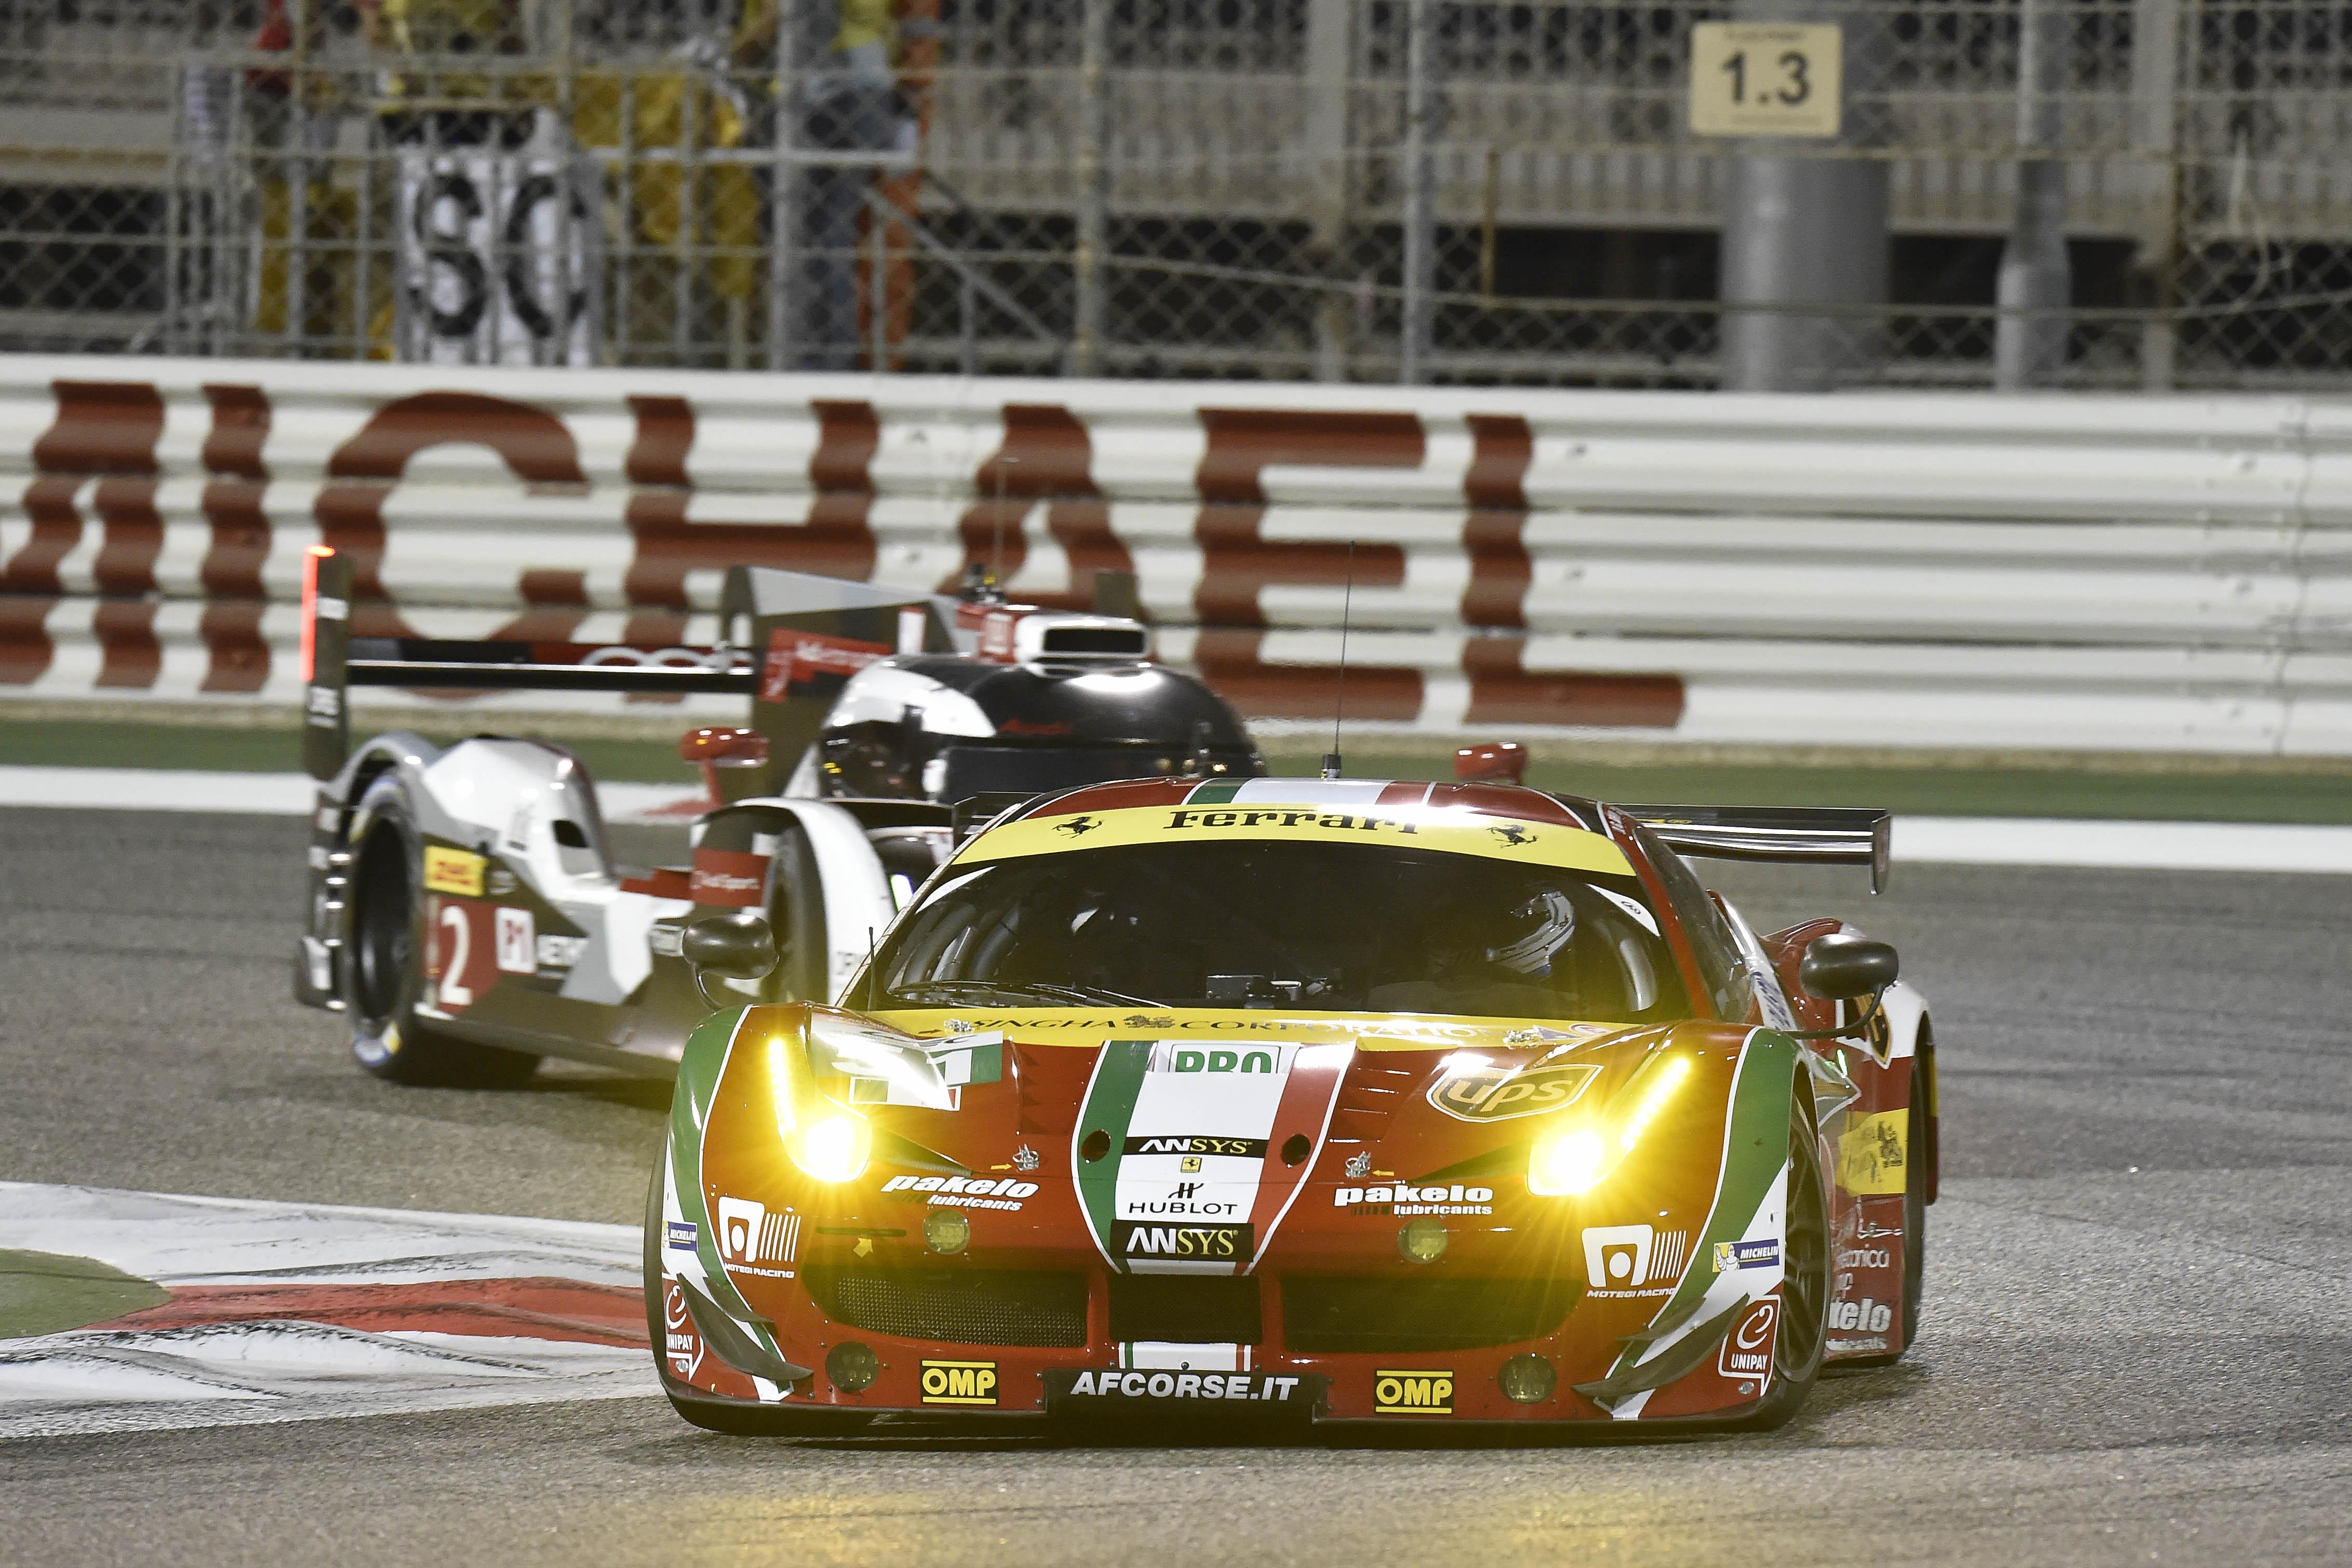 FIA WEC: 2° e 3° crono per le Ferrari nelle qualifiche in Bahrain